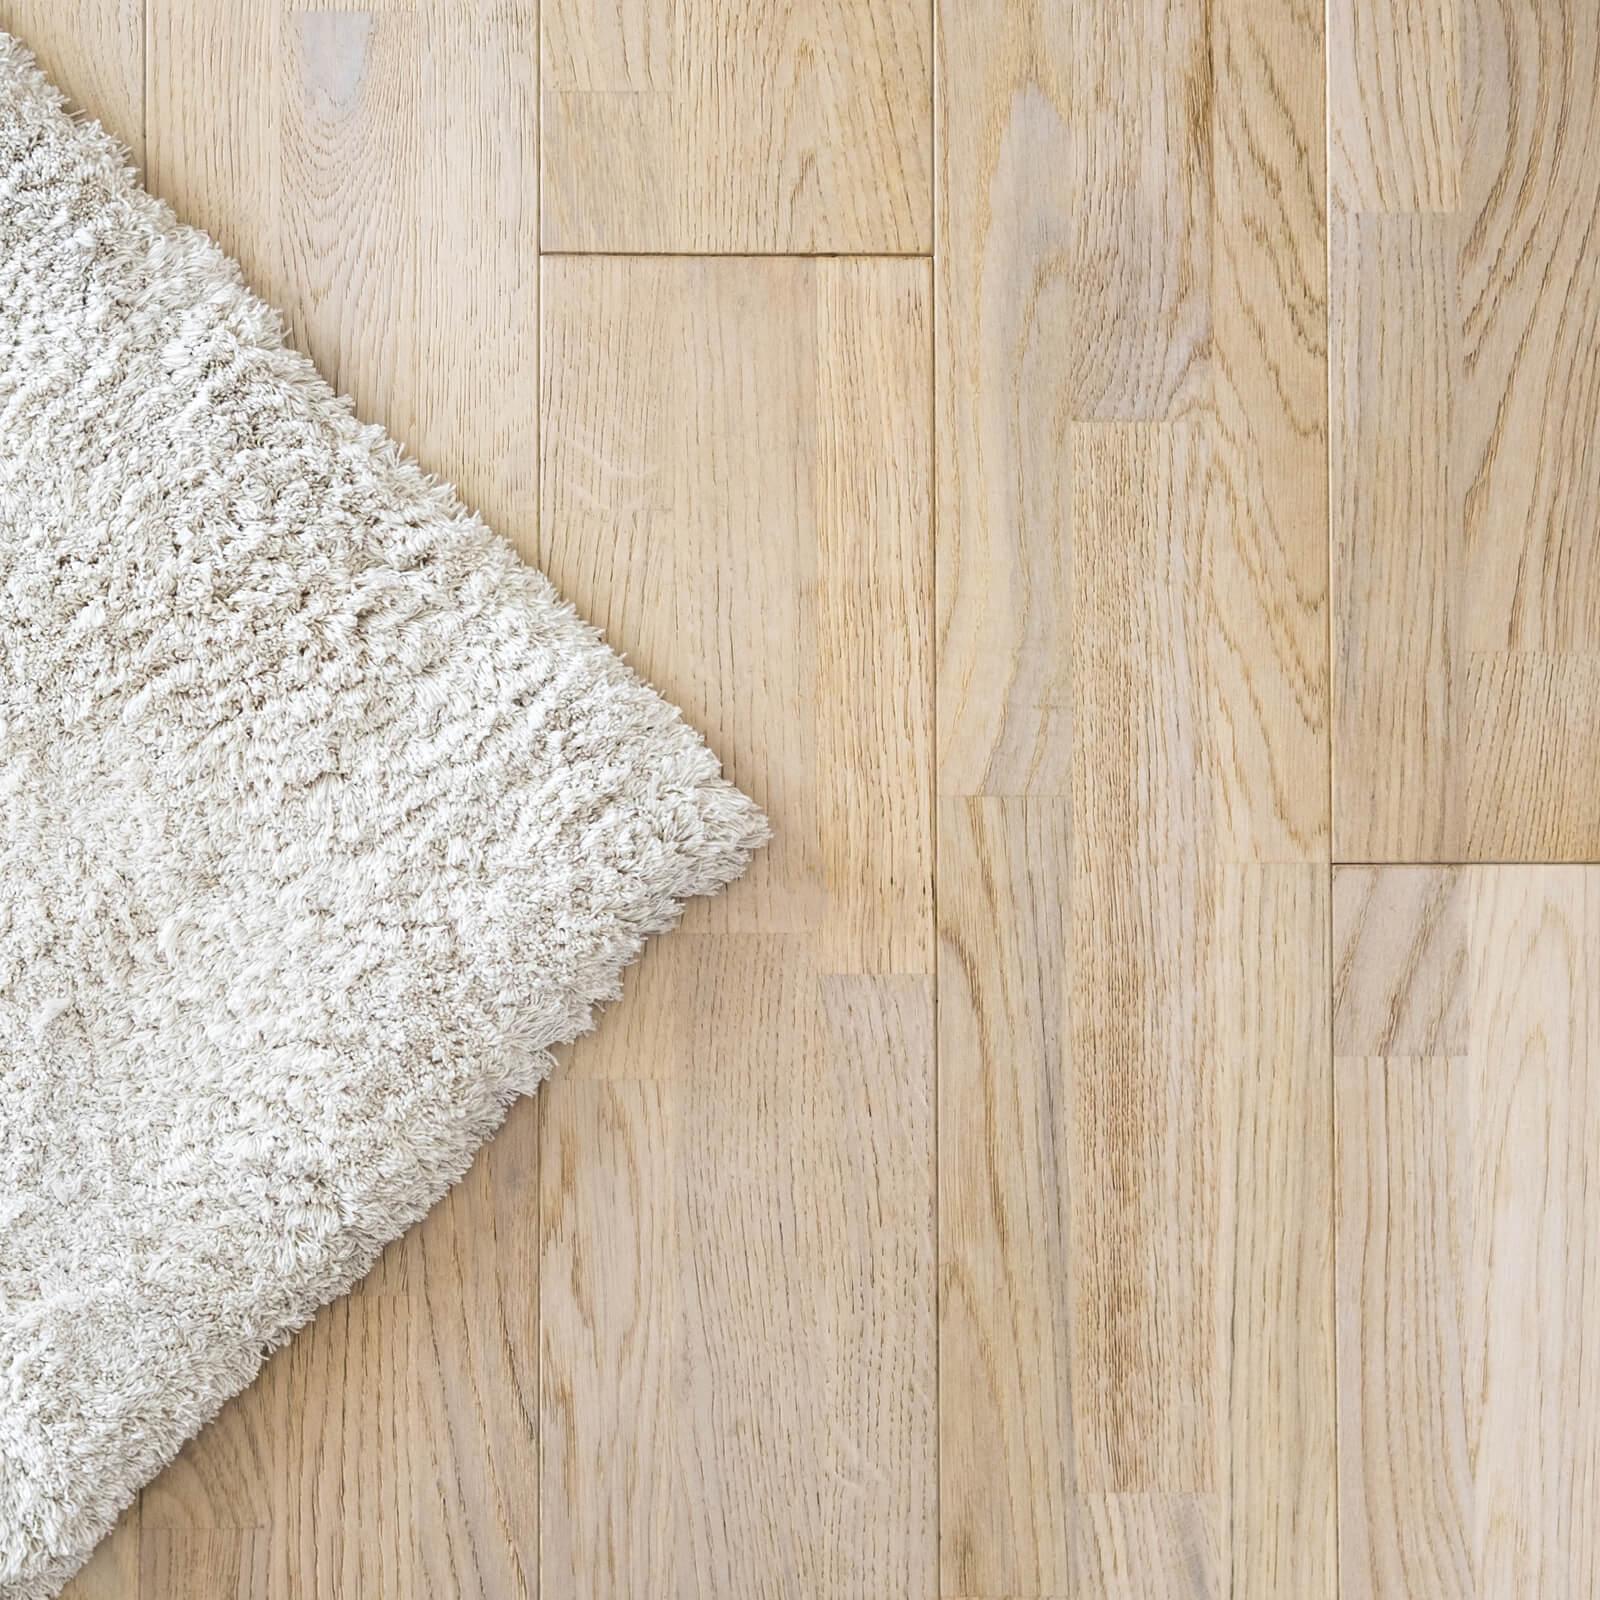 Hardwood faqs | Great Lakes Carpet & Tile